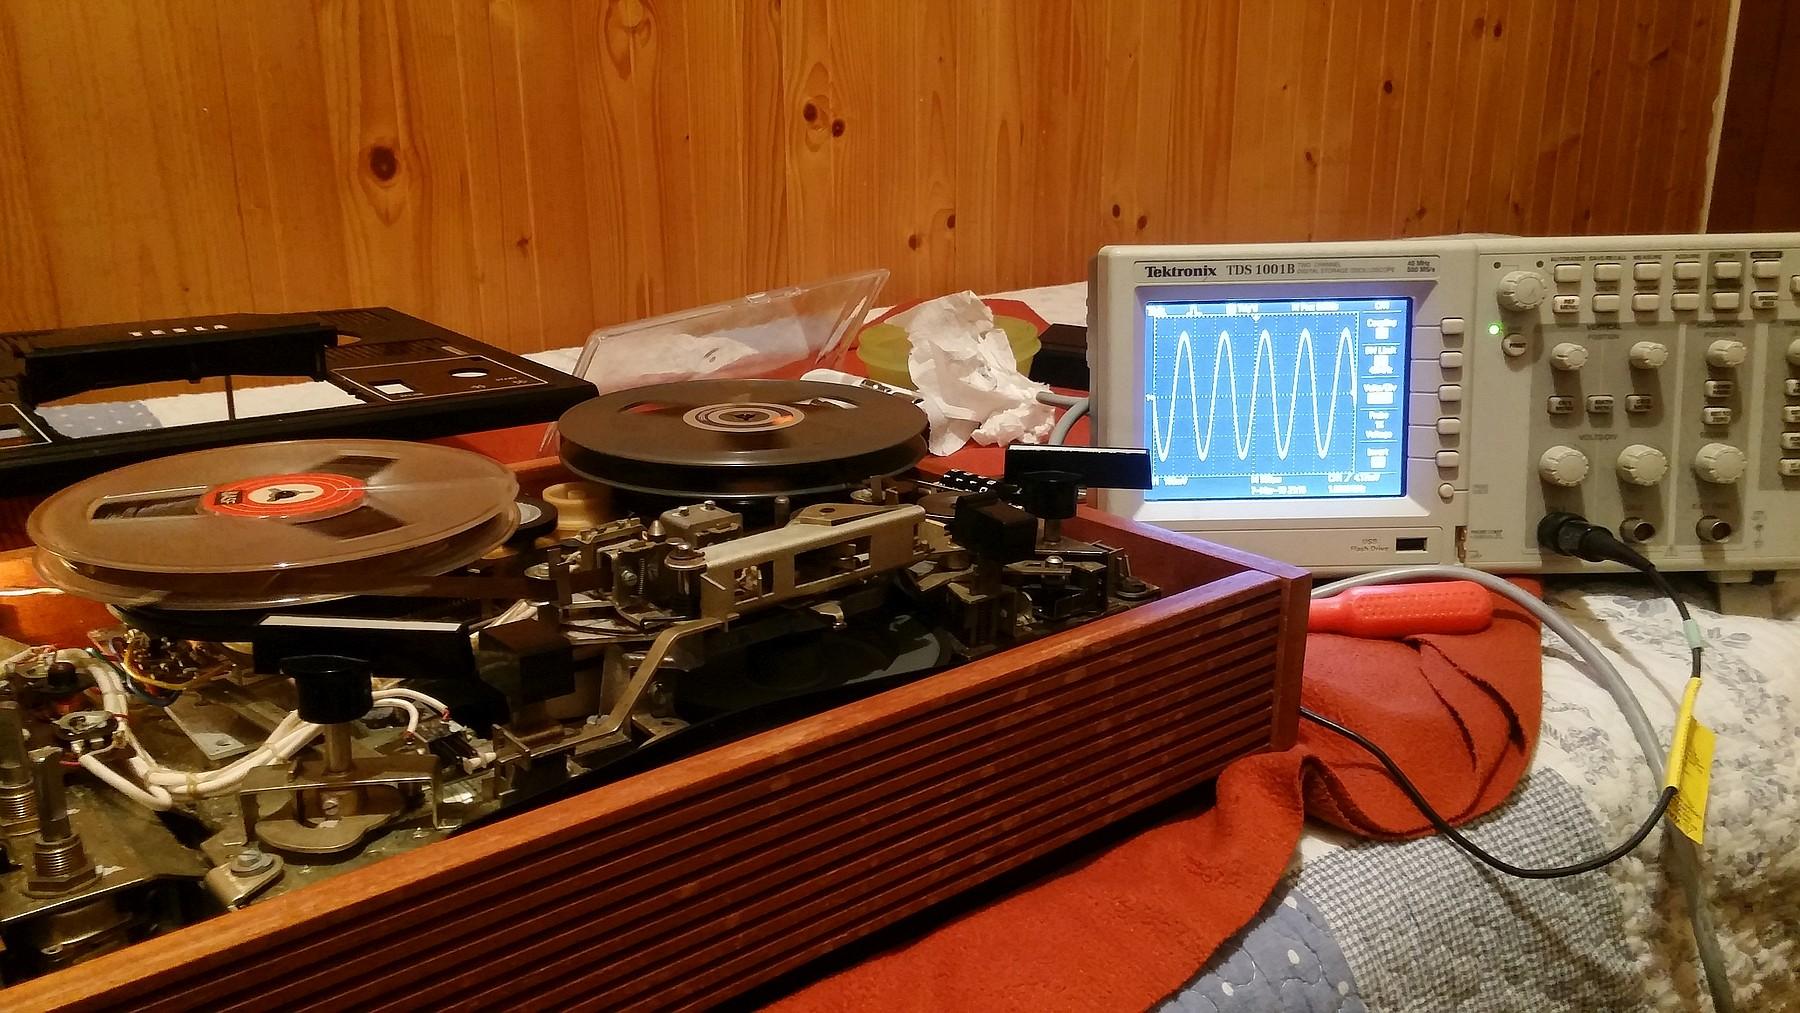 TESLA B101 reel-to-reel tape recorder – BOGIN, JR